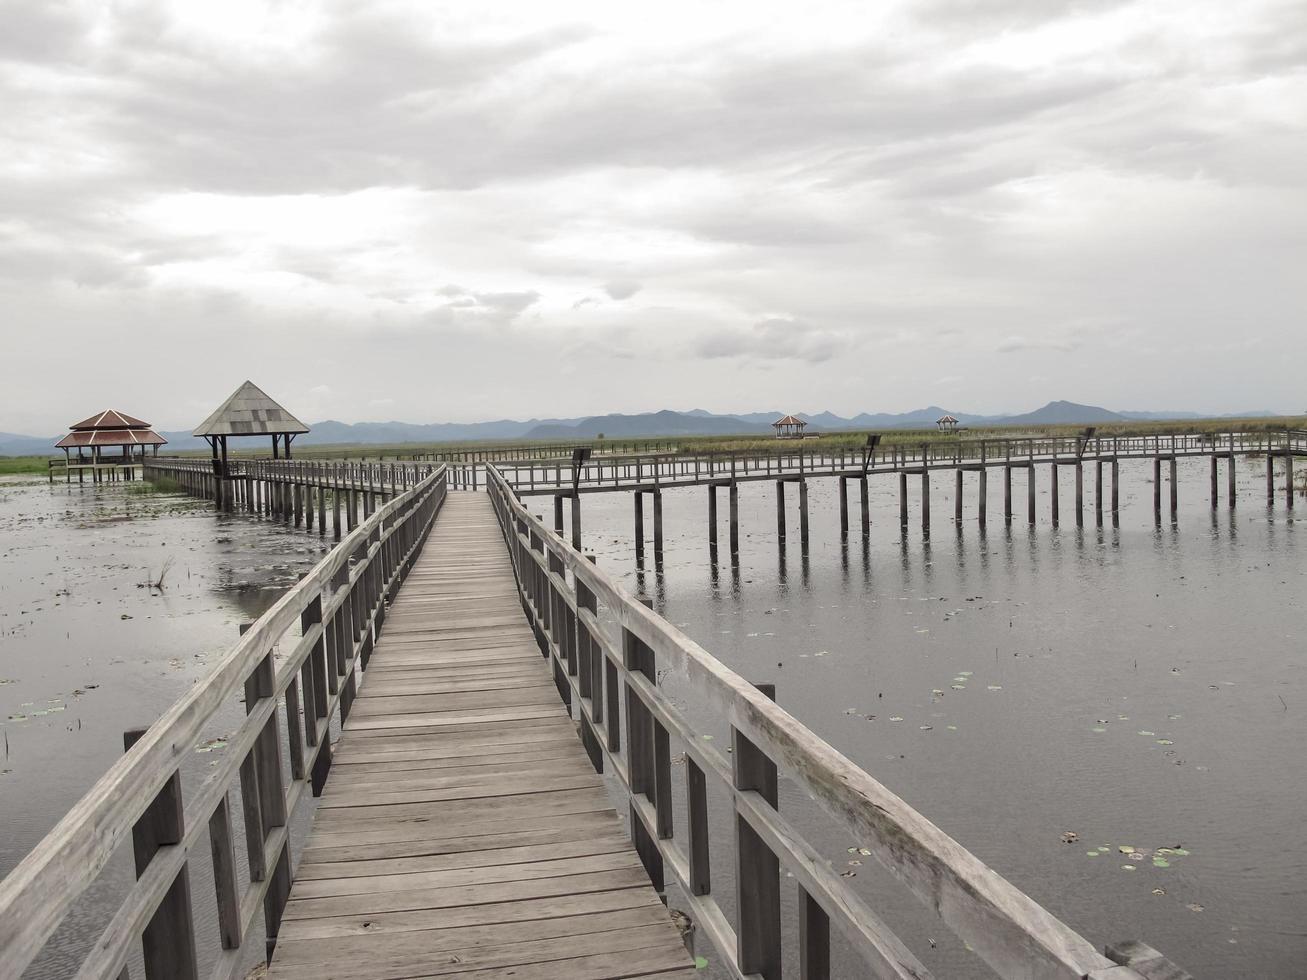 puente sobre el lago foto